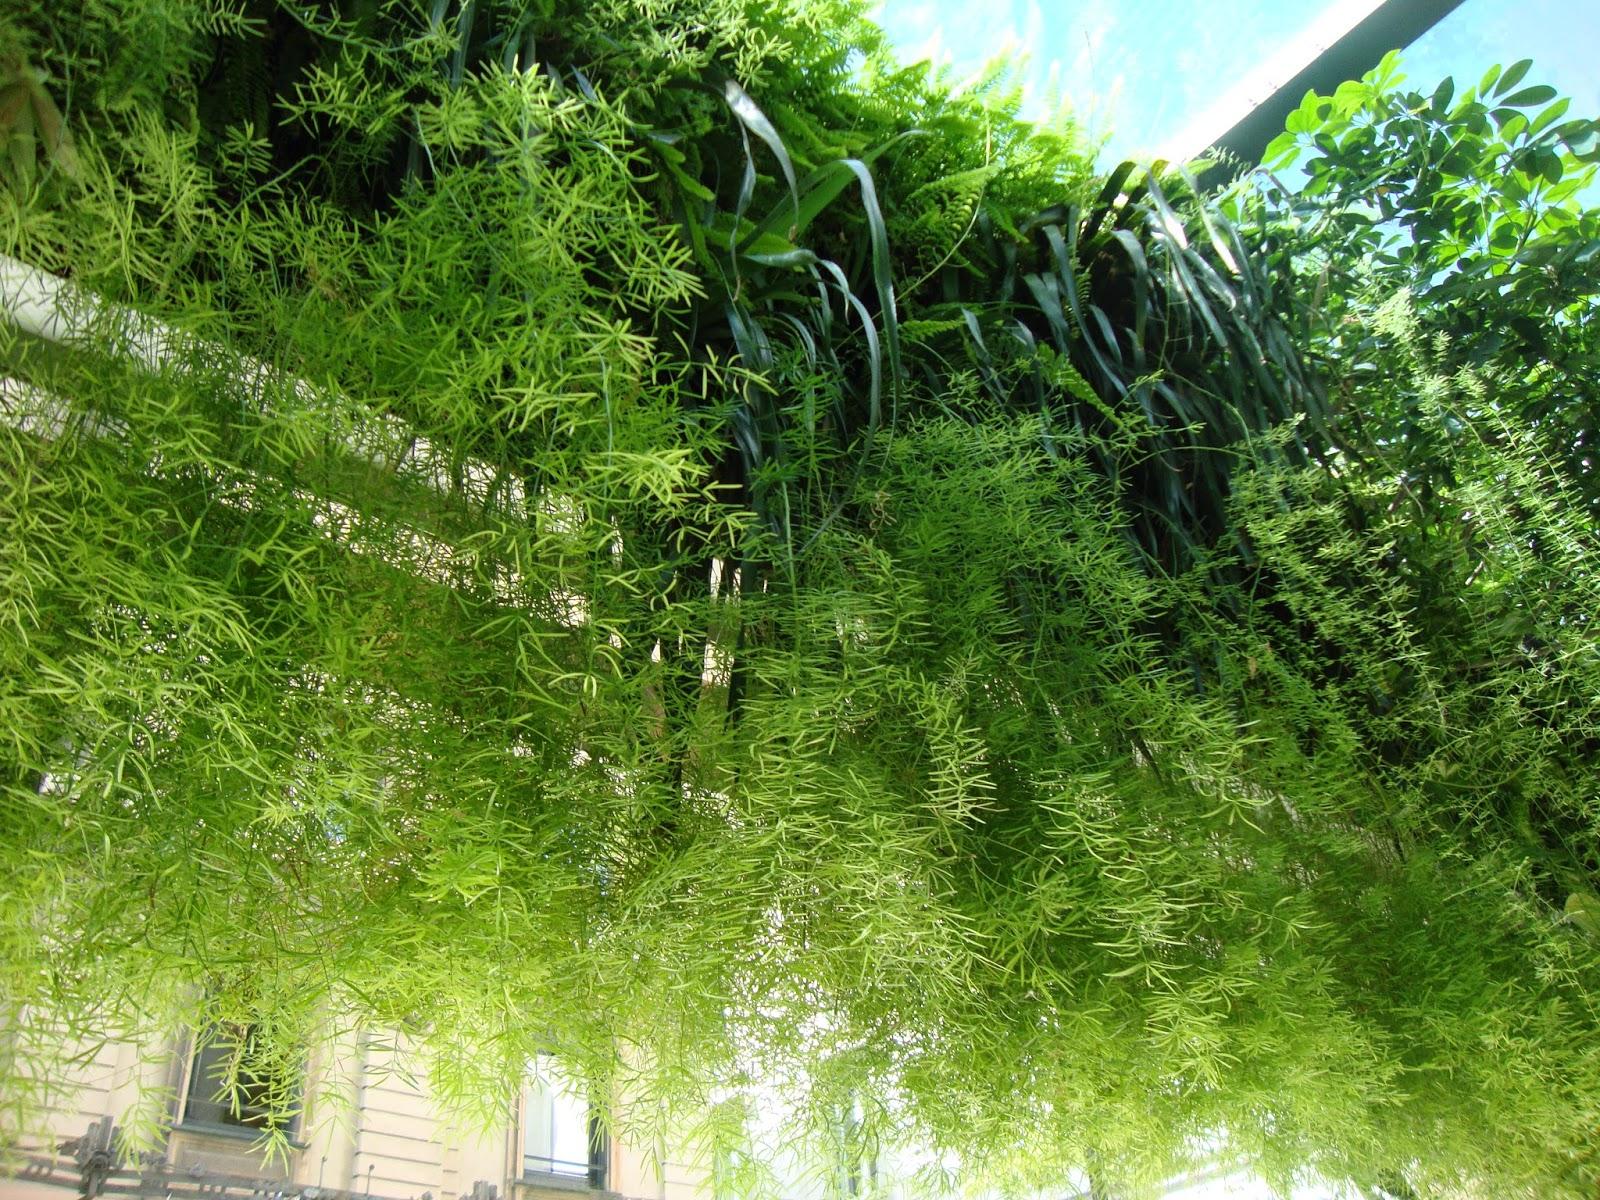 Un piccolo giardino in citt il giardino verticale di - Giardini verticali interni ...